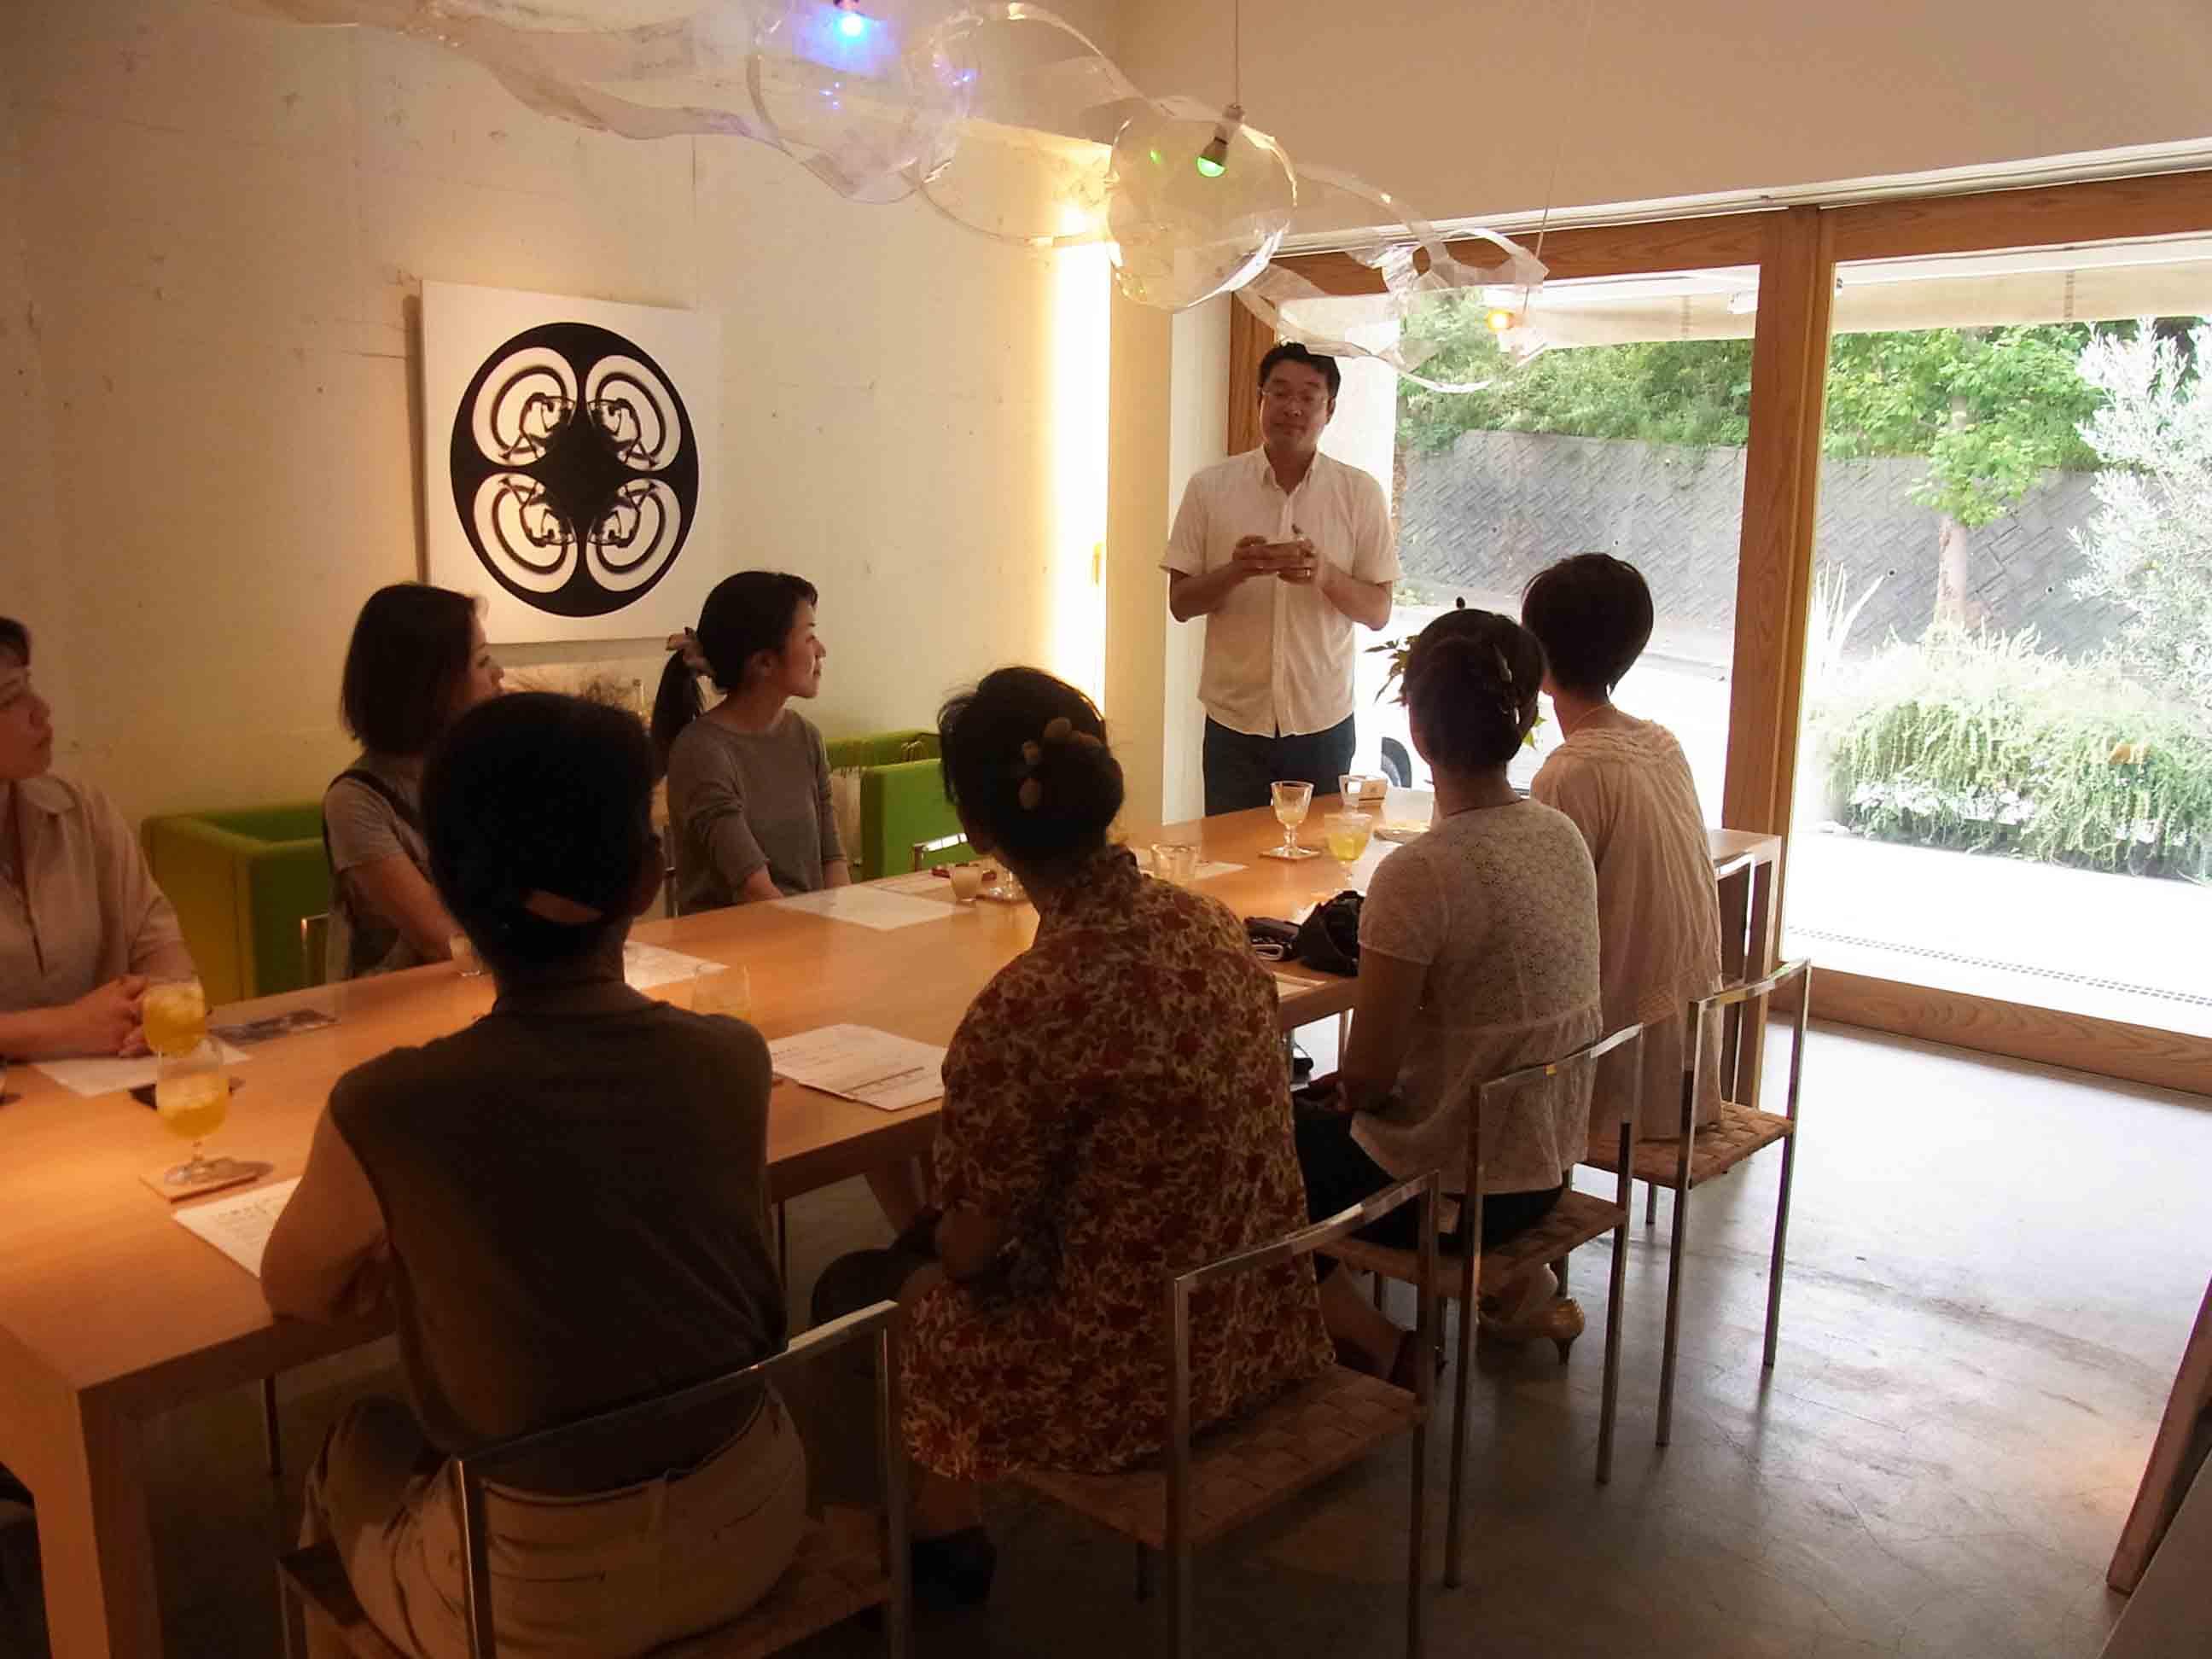 糀テーマの料理教室がいよいよスタート(記:藤本紀久子)_a0195310_0383084.jpg